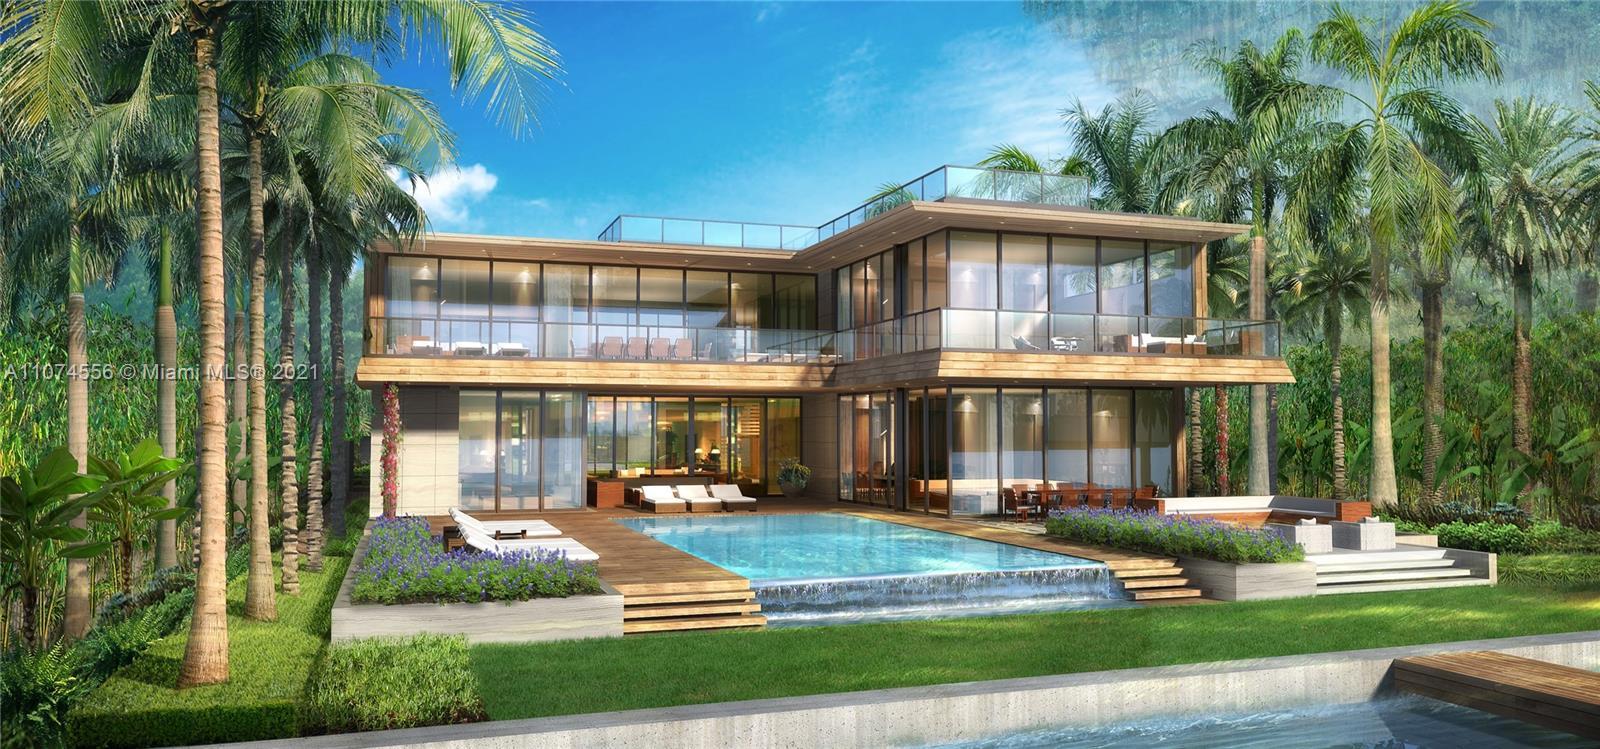 158 Palm ave- miami-beach-fl-33139-a11074556-Pic01